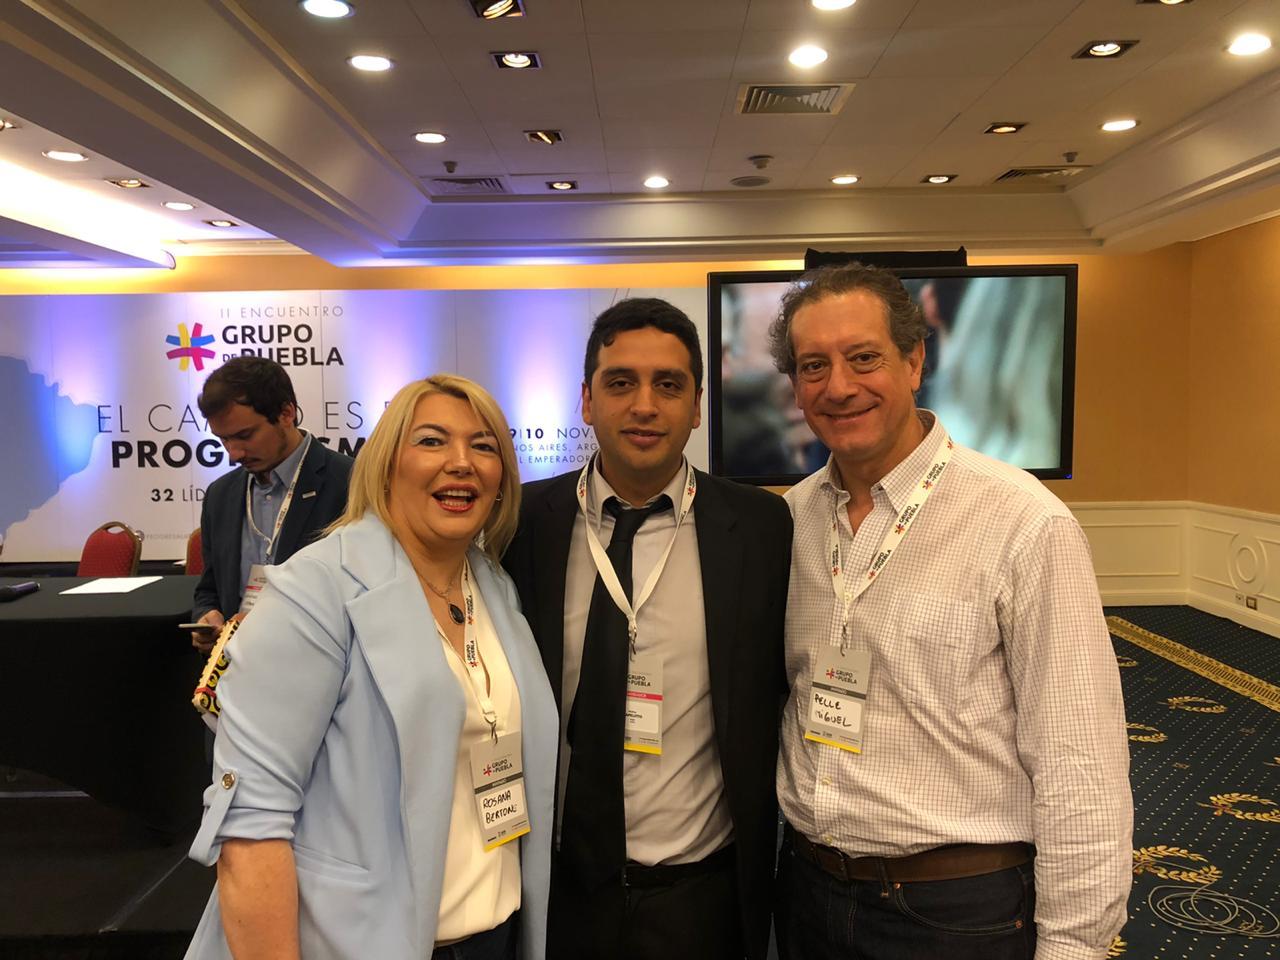 La Gobernadora Rosana Bertone junto a Matías Capeluto y el Presidente del Banco de Tierra del Fuego, Miguel Pesce.